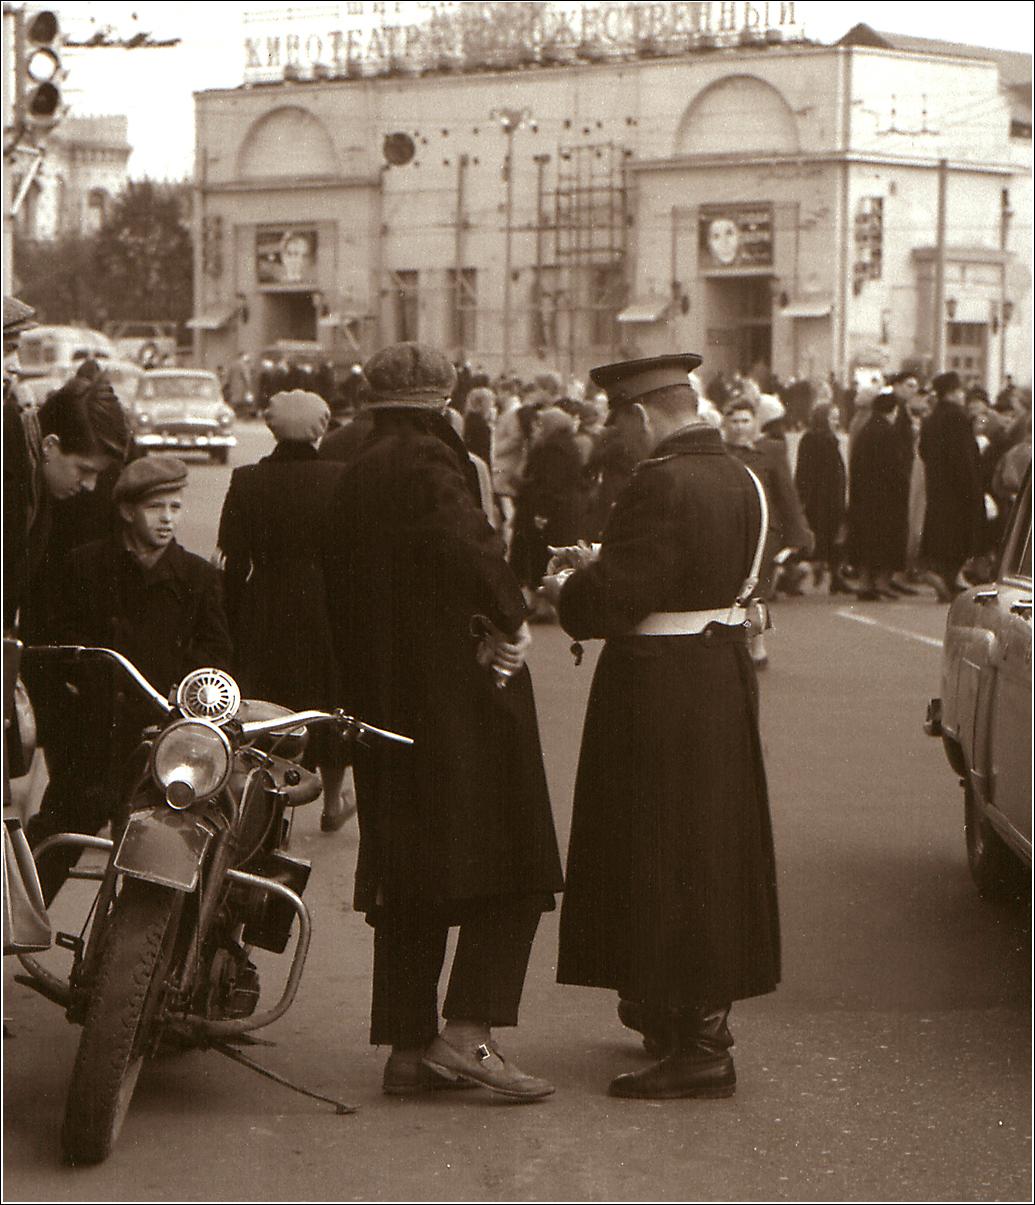 64. 1962. Арбат, у кинотеатра Художественный